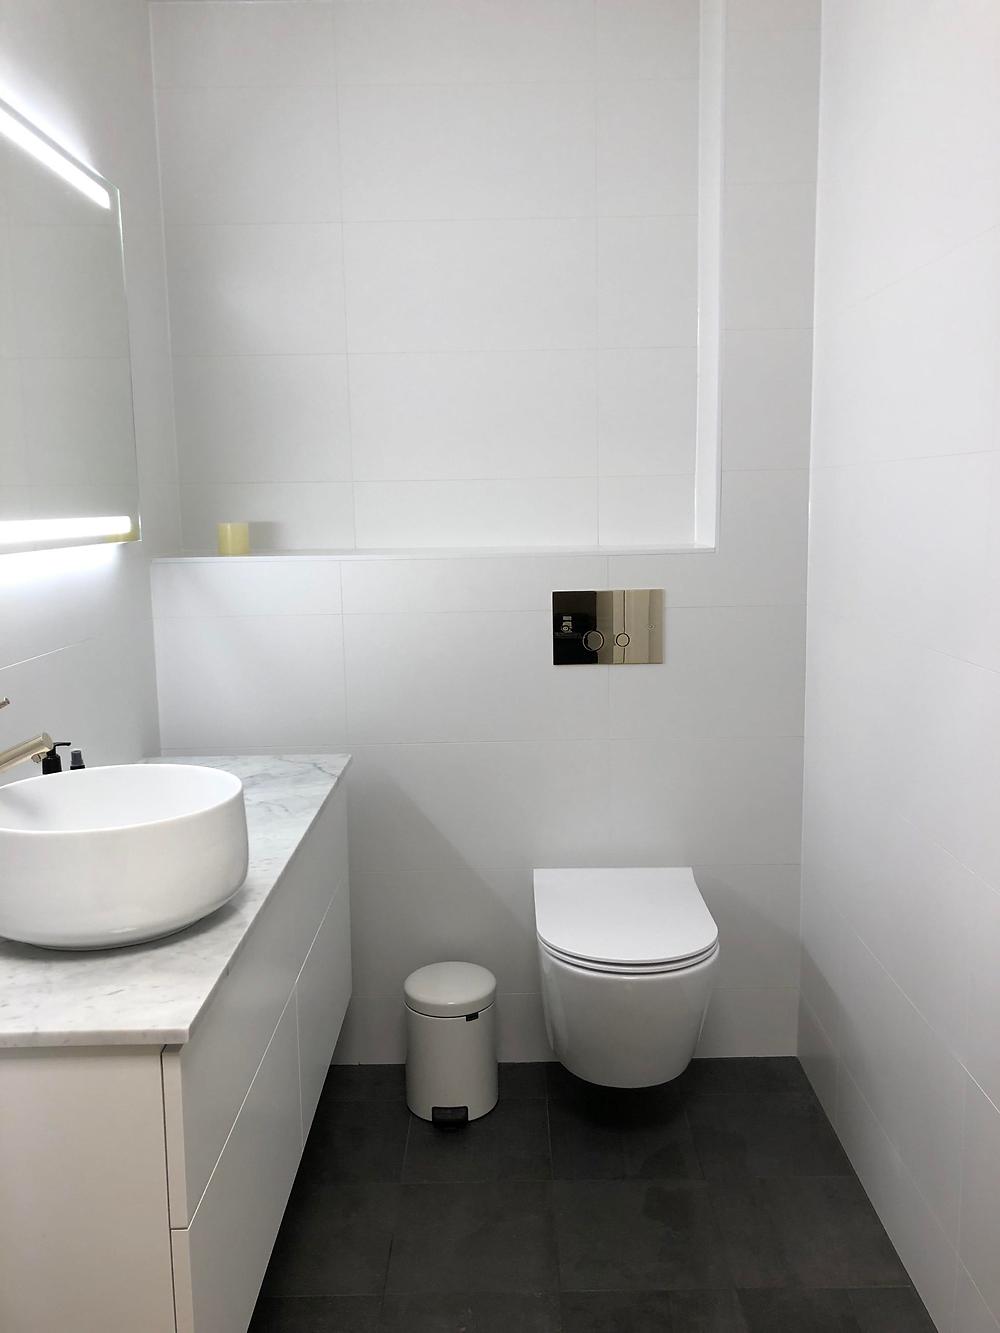 Fotografi av badrummet efter renoveringen utförd av Badrumsgruppen